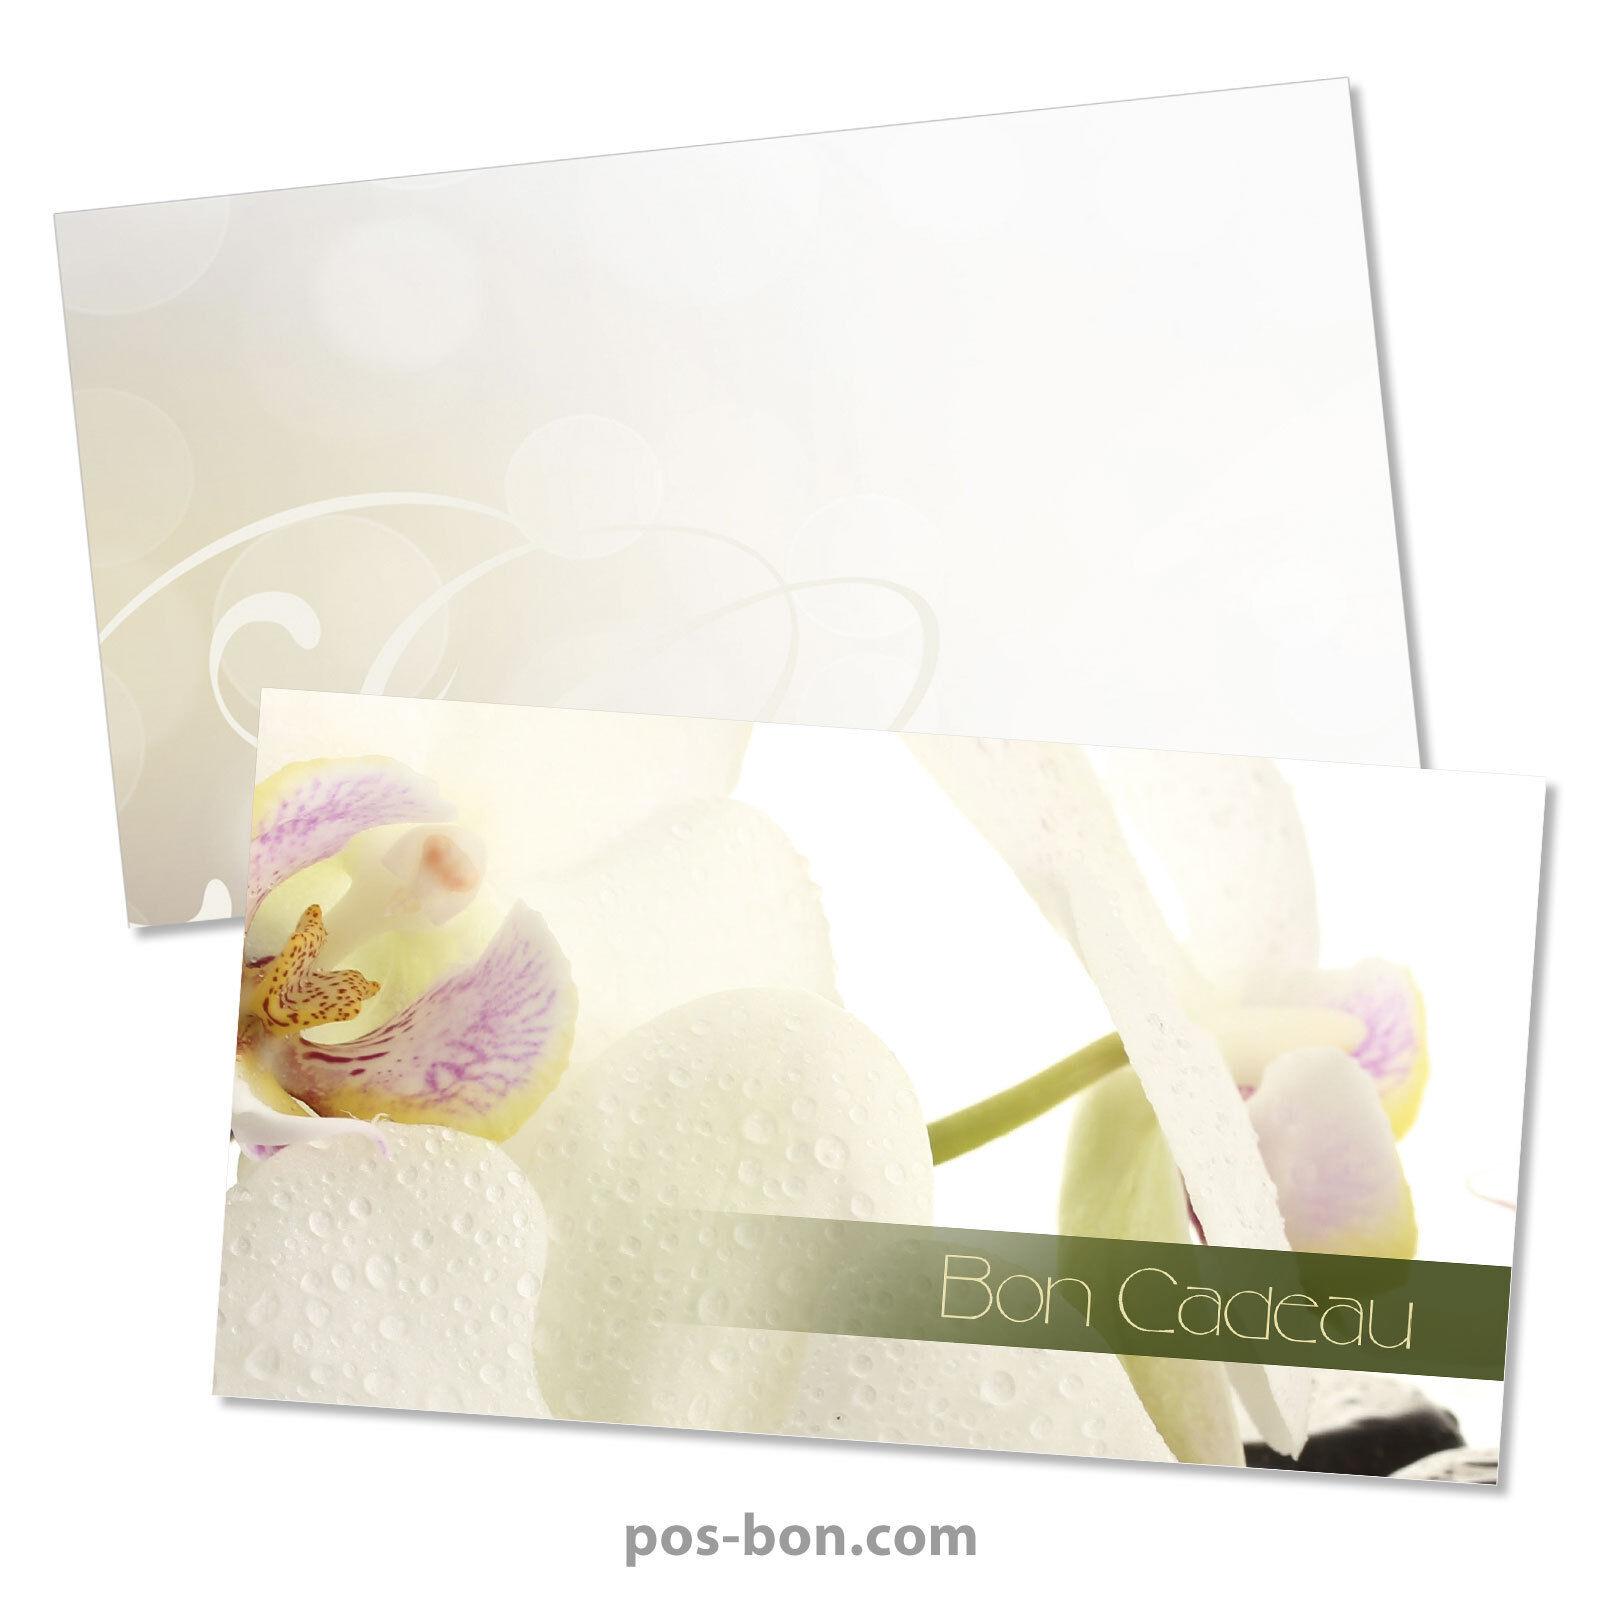 Bons cadeaux universels  enveloppes pour toutes occasions MA1252F  | Einzigartig  | Überlegen